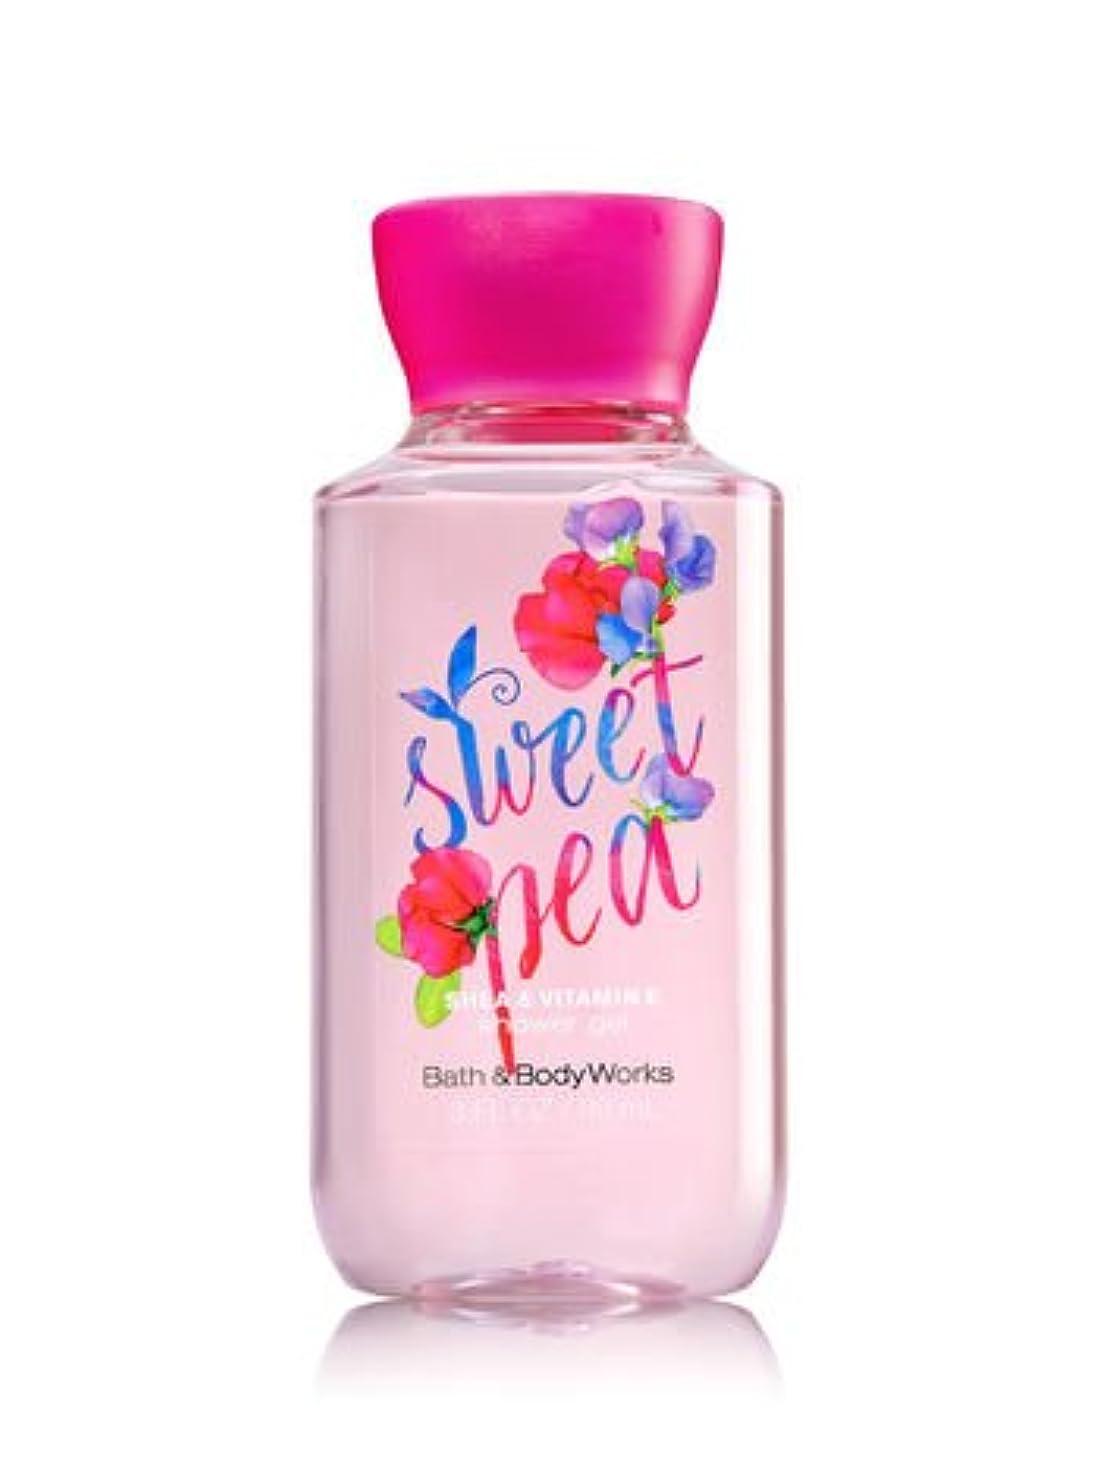 染料リラックス配るバス&ボディワークス スイトピーシャワージェル トラベルサイズ Sweet pea shower gel Travel-Size [並行輸入品]